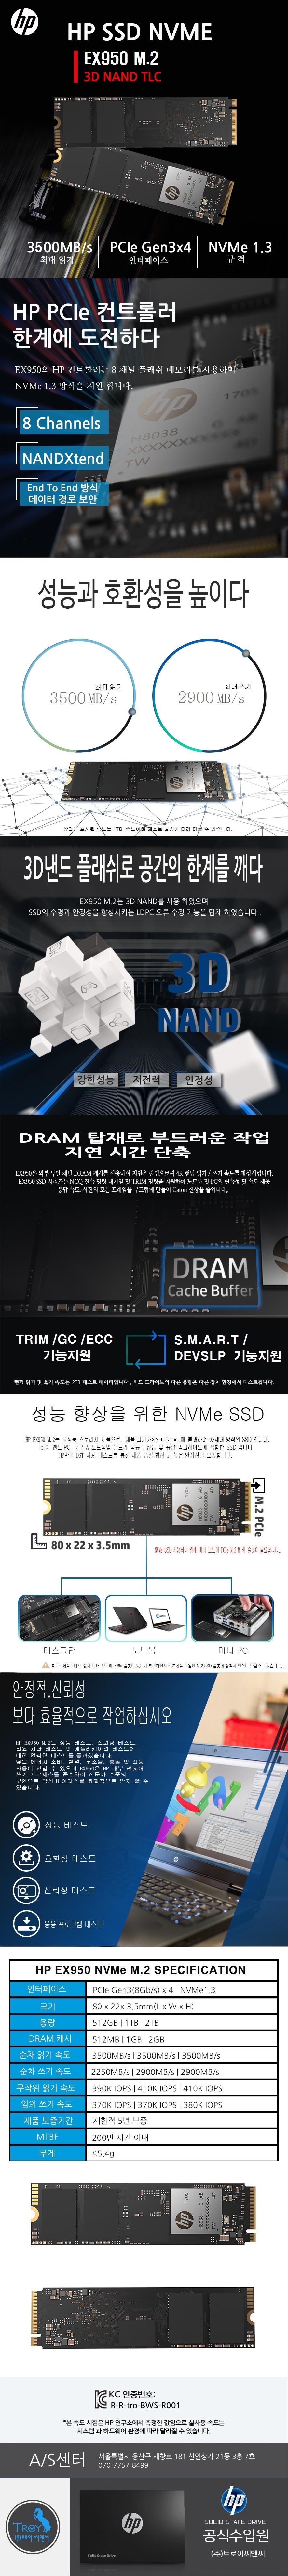 HP EX950 M.2 NVMe (1TB)